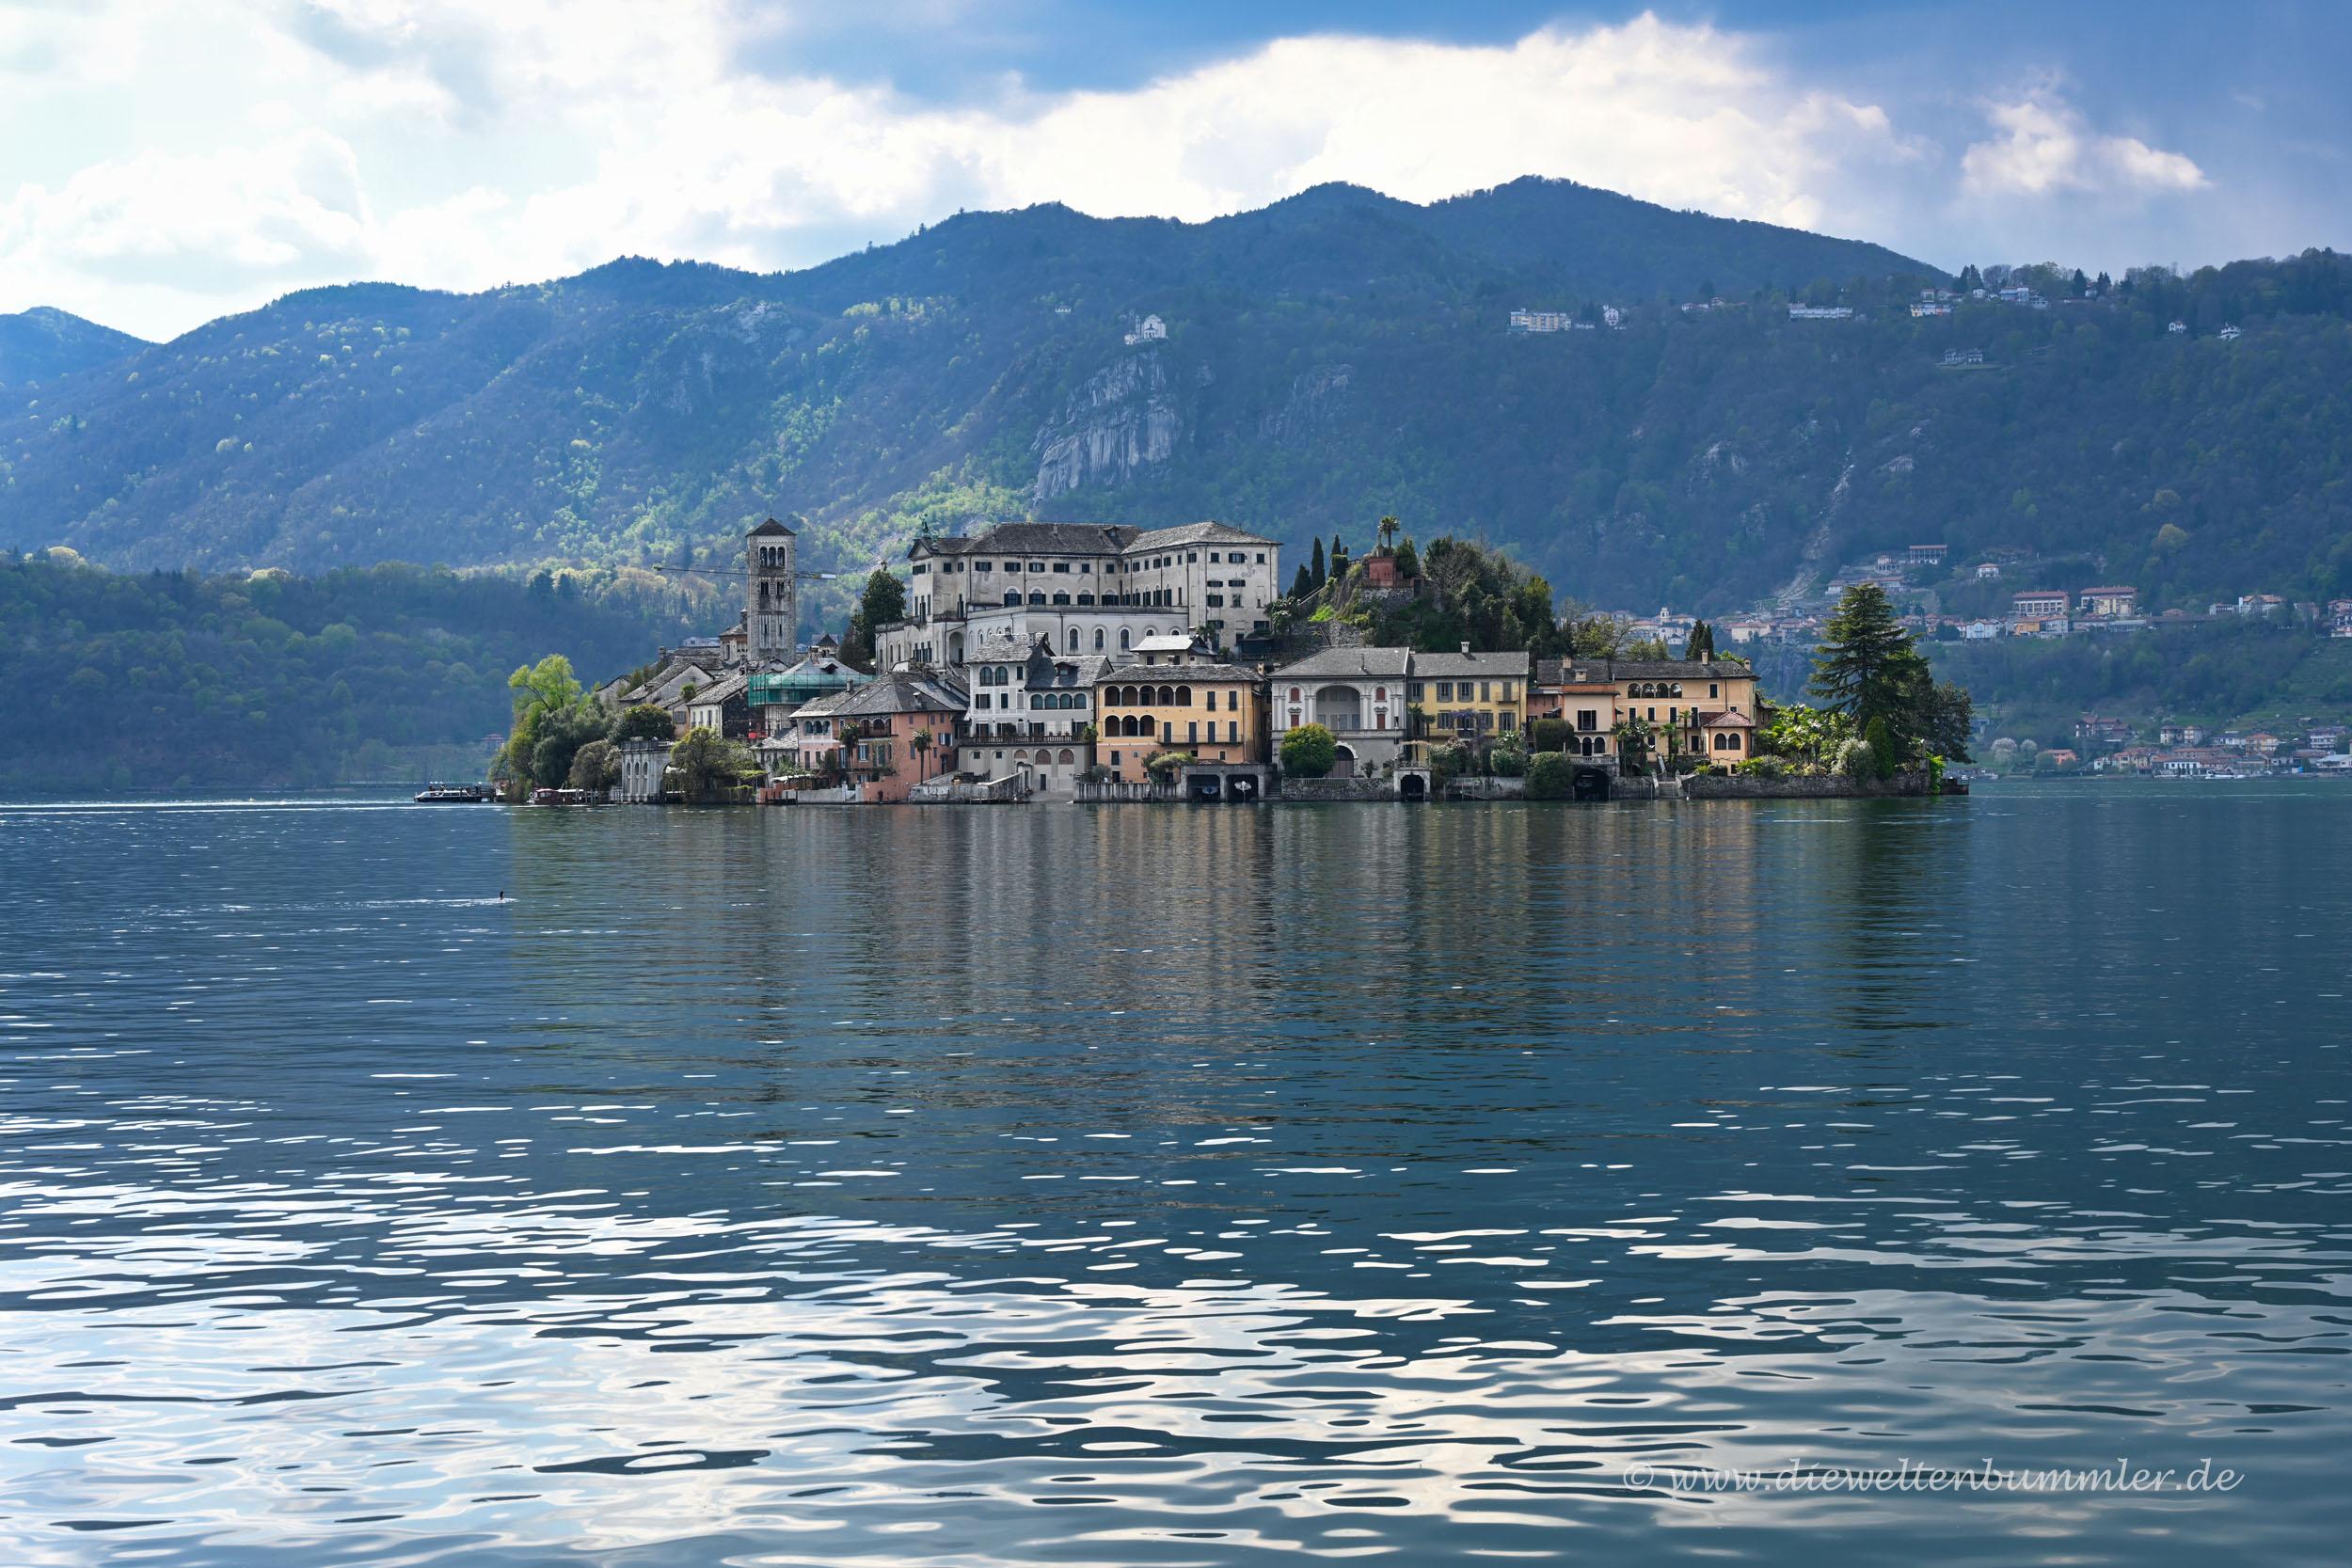 Die Insel im Lago d'Orta